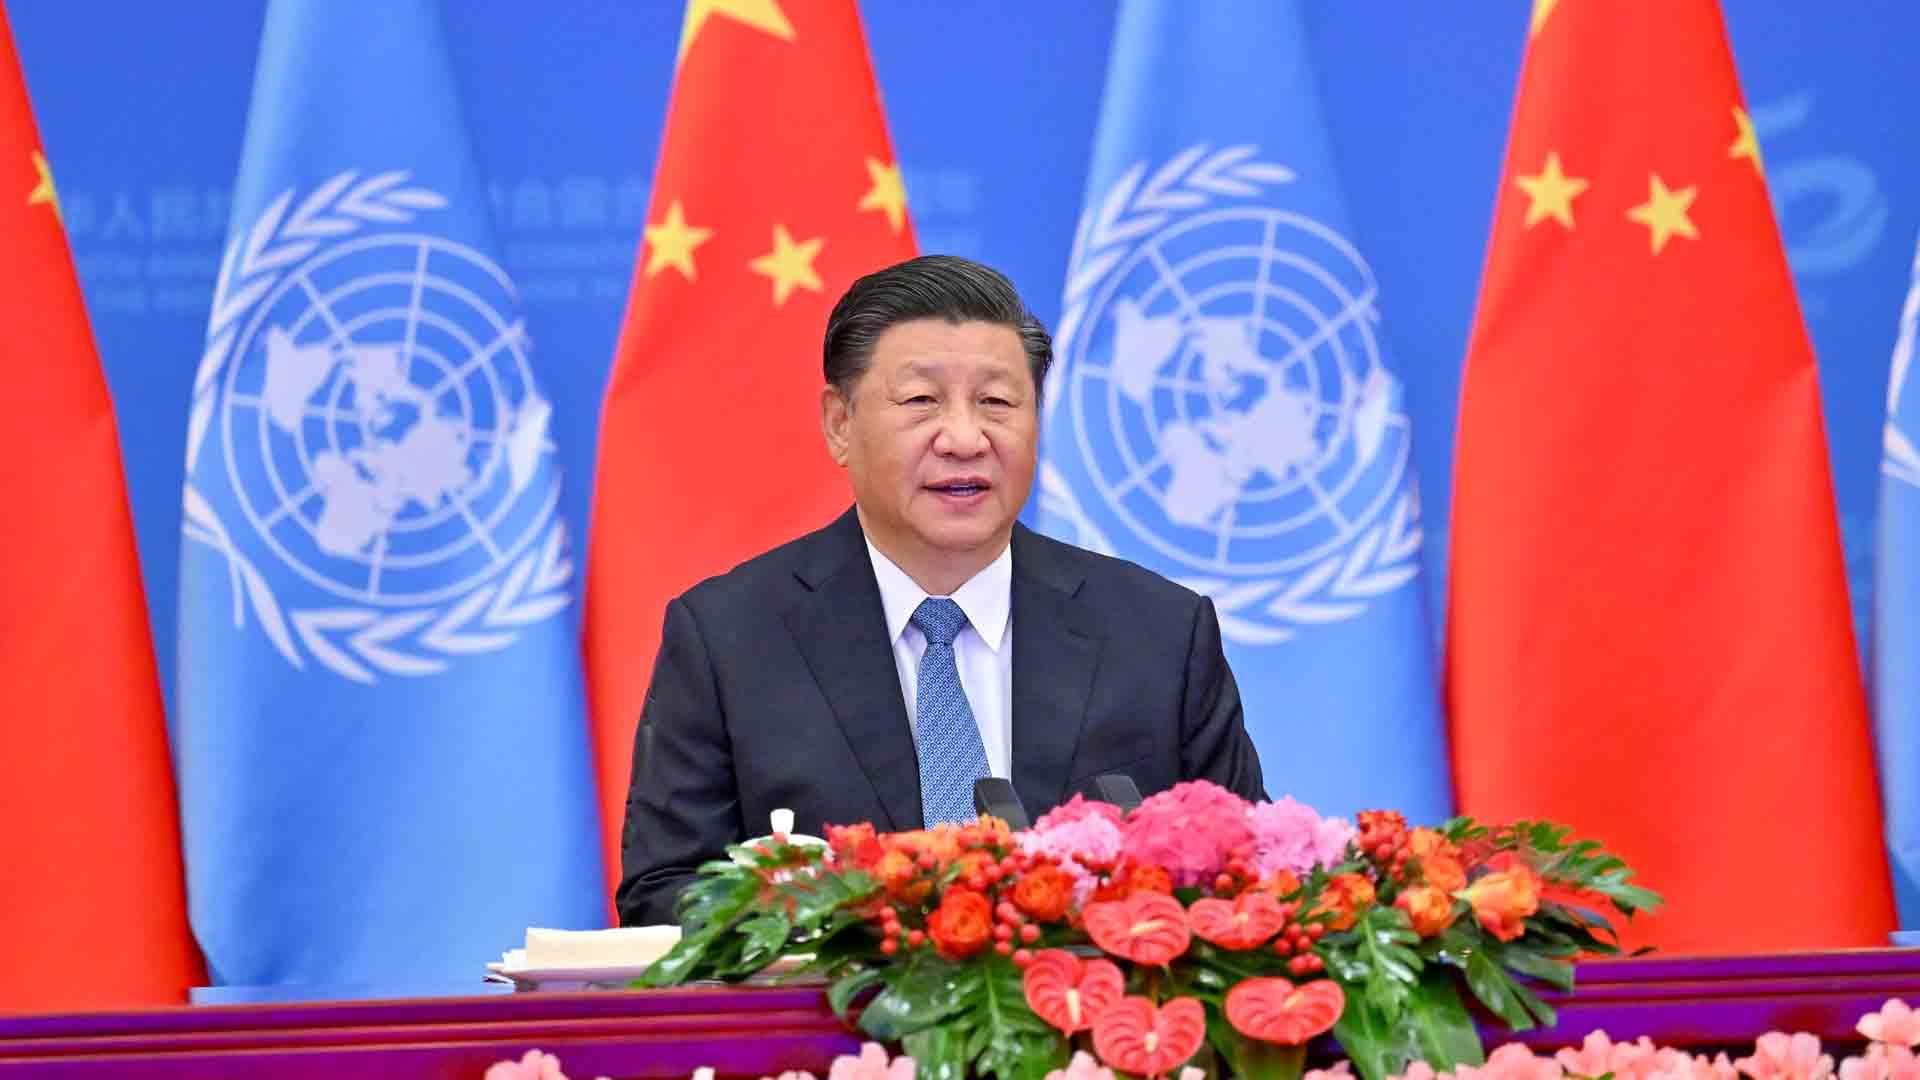 중국, 유엔 가입 50년…'하나의 중국' 원칙 거듭 천명